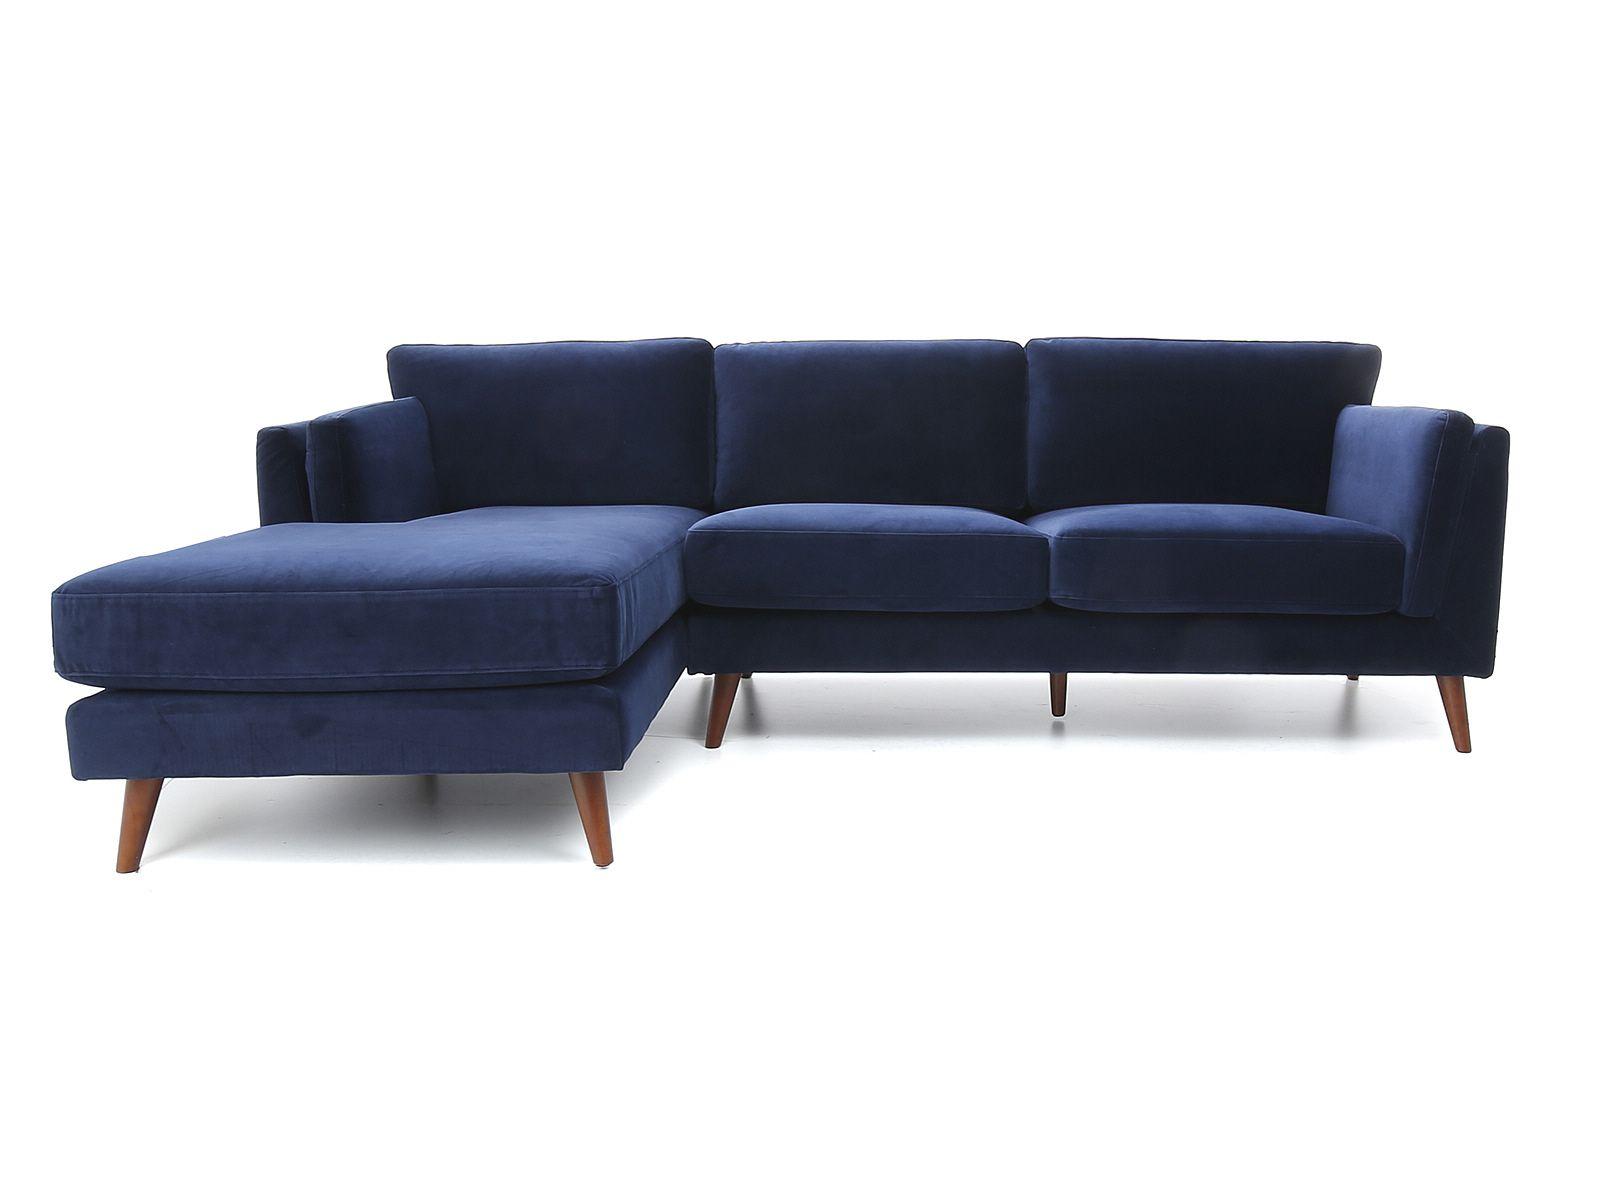 calibre chaise sofa 2 5 seater rhf arm lhf chaise